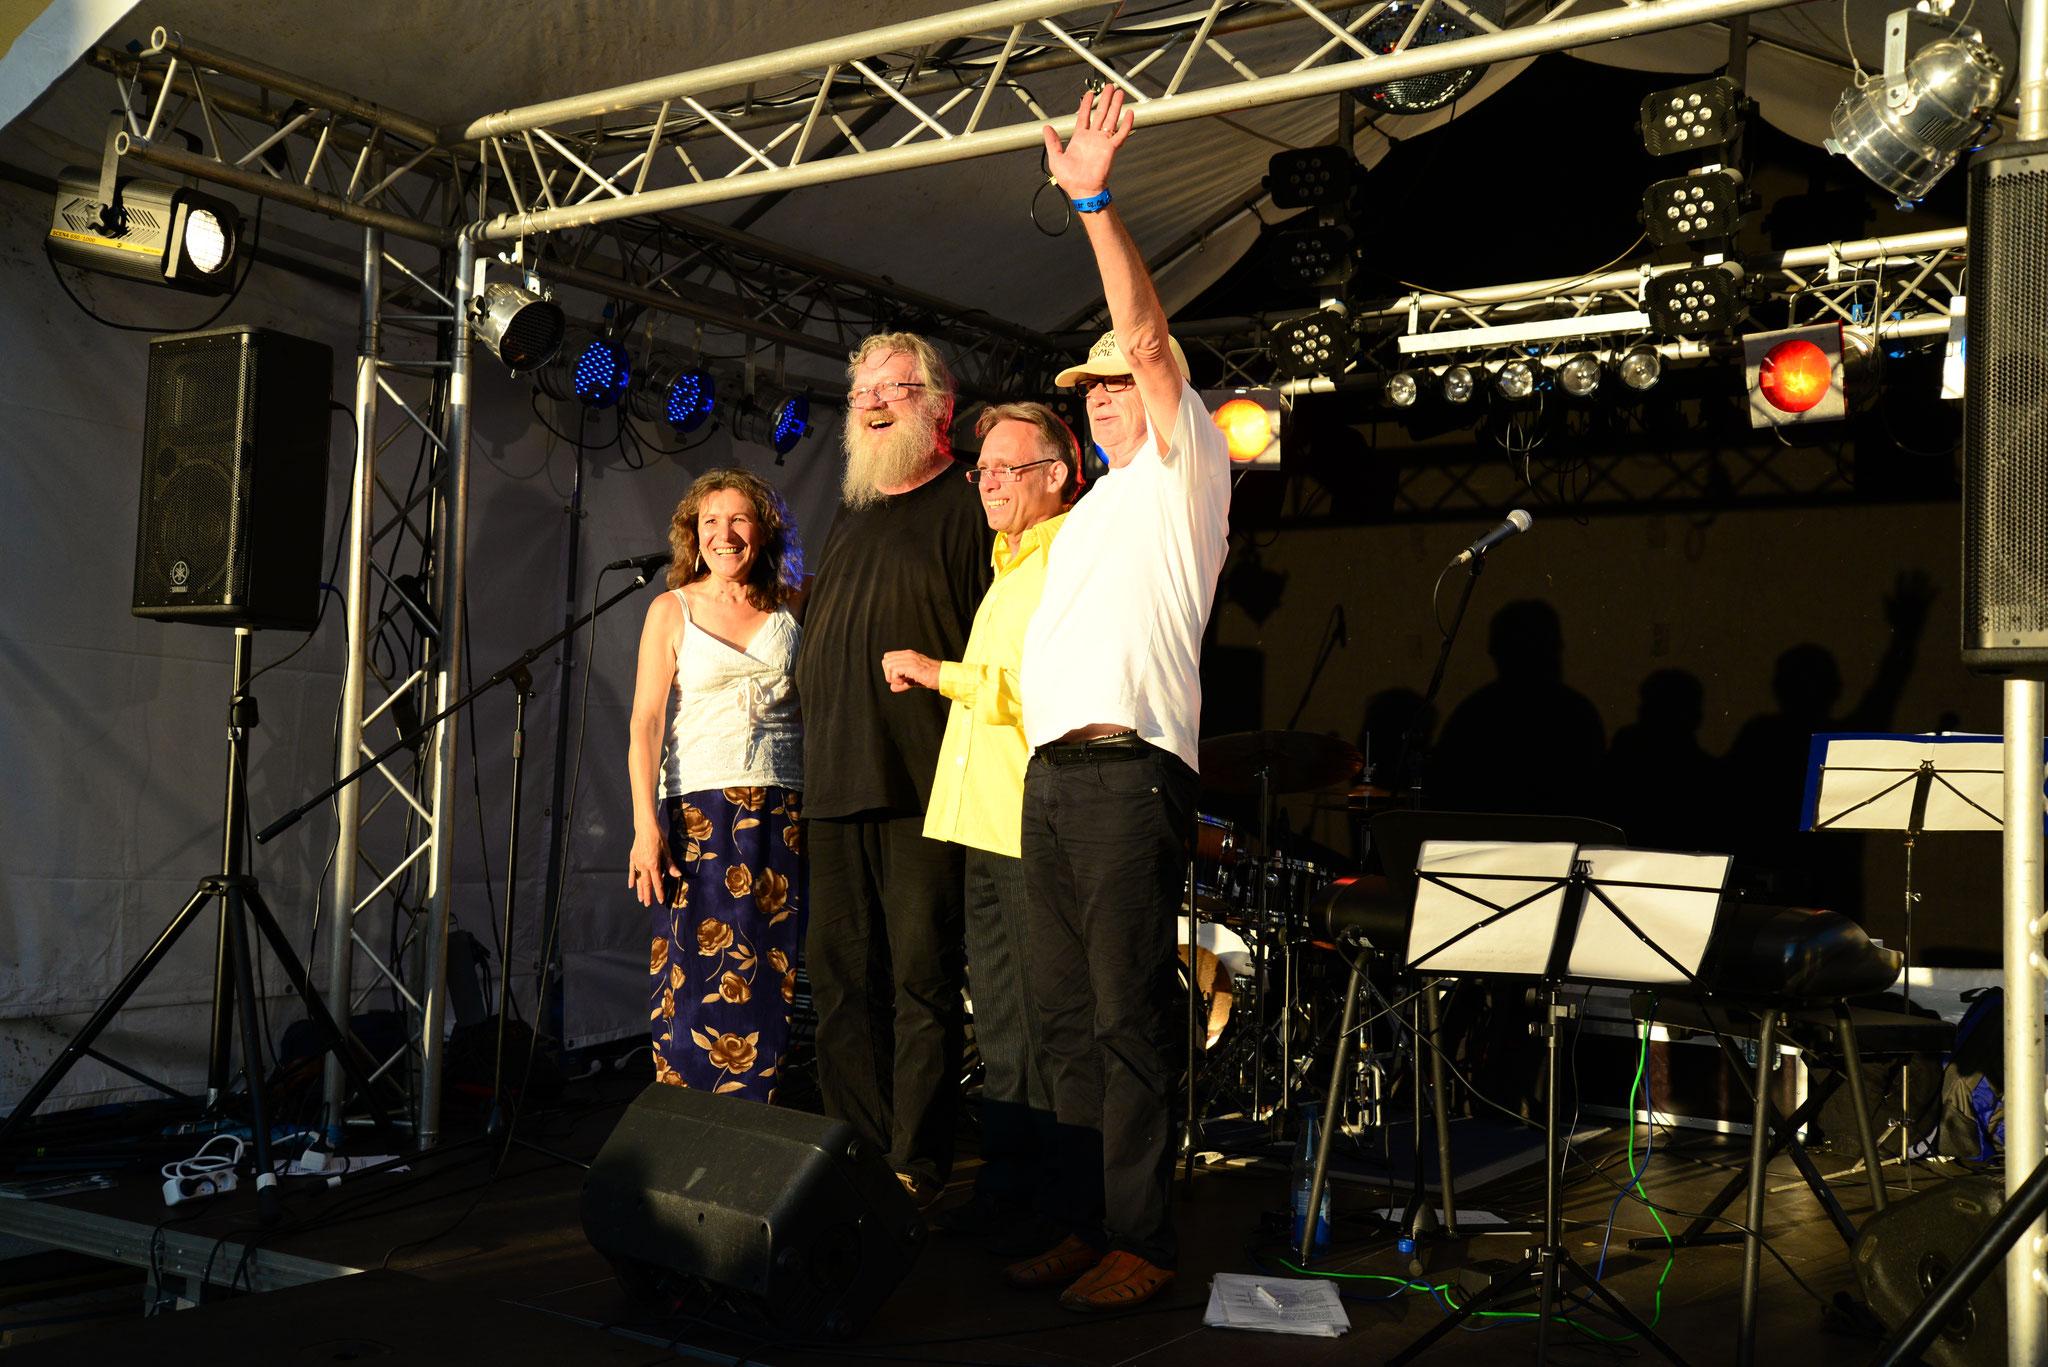 02.08.2015 Jazz auf dem Altstadtfest Hersbruck mit mit Jockel Peter Streb (p), Dieter Feist (b), Uwe Zapala (dr), Georgina (Foto Katharina Hubner)